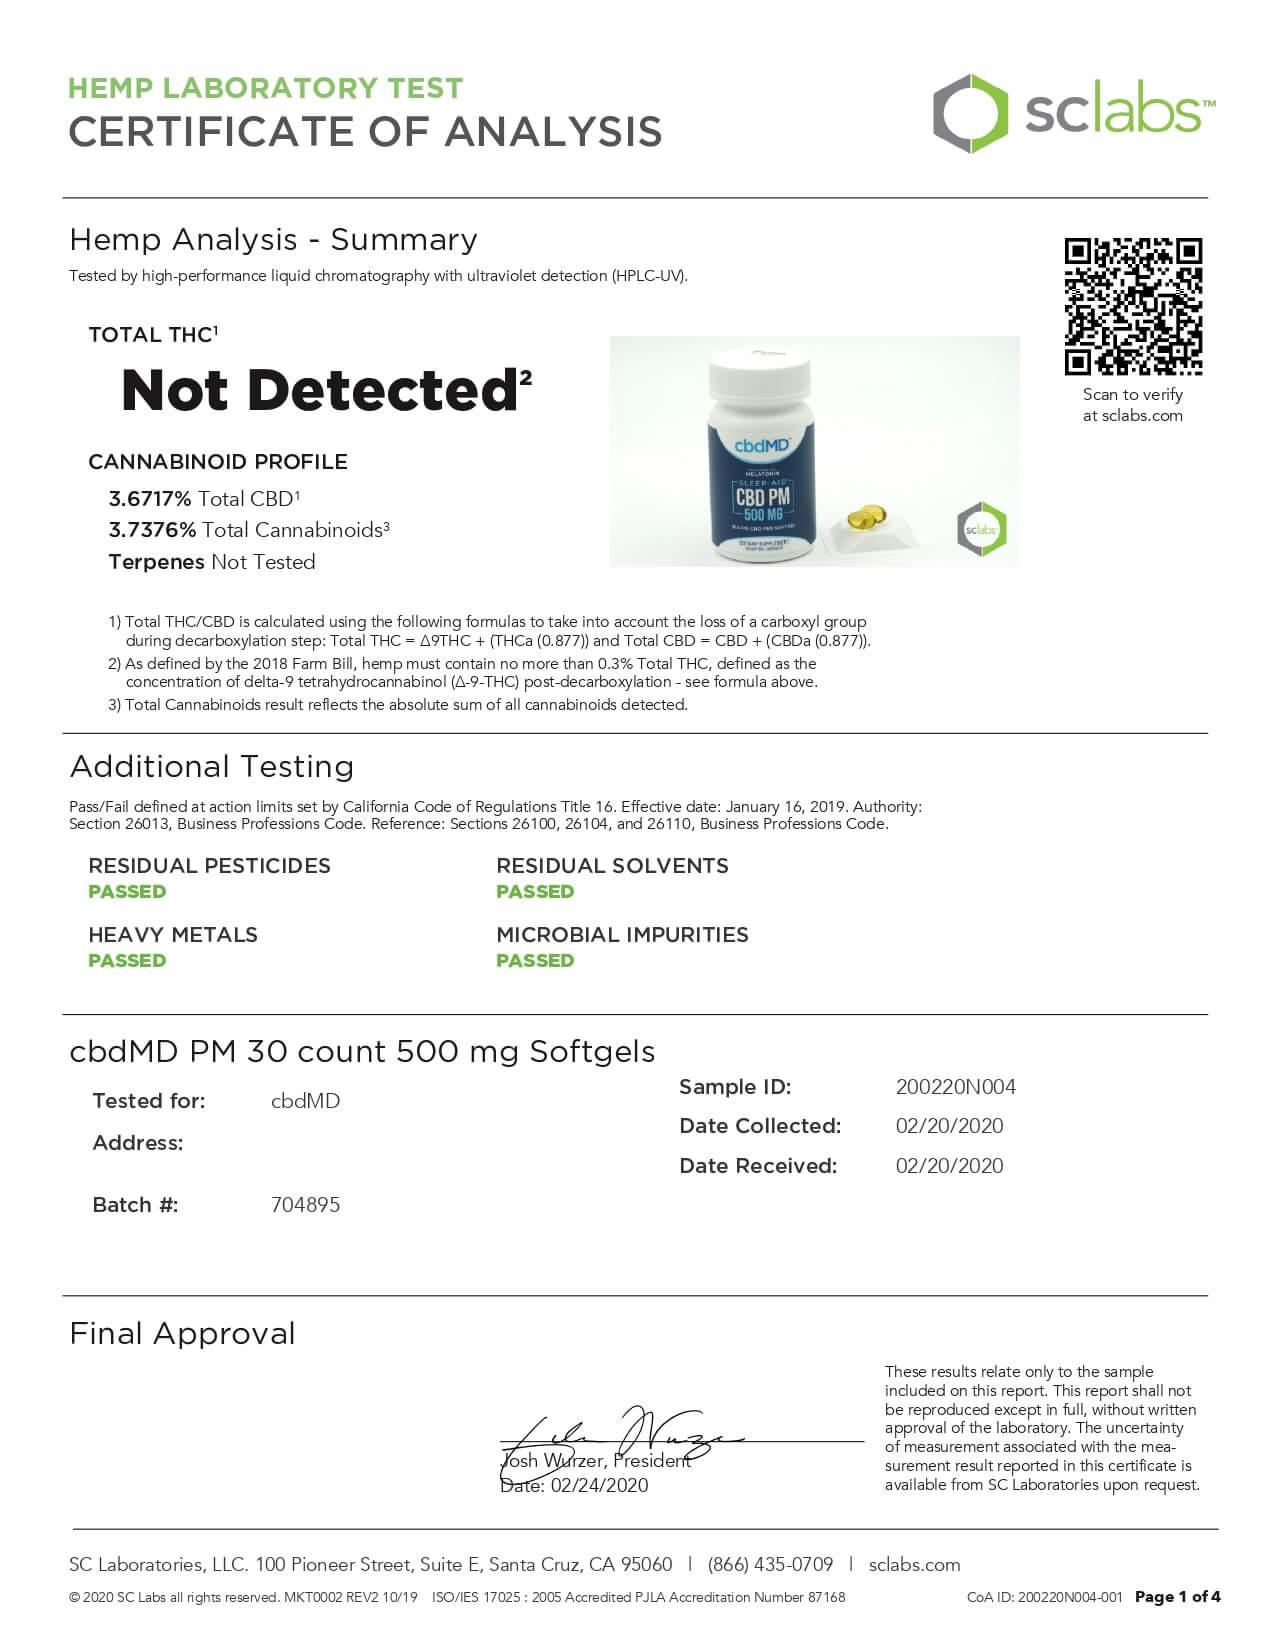 cbdMD CBD Softgels PM Softgel Capsules 500mg Lab Report